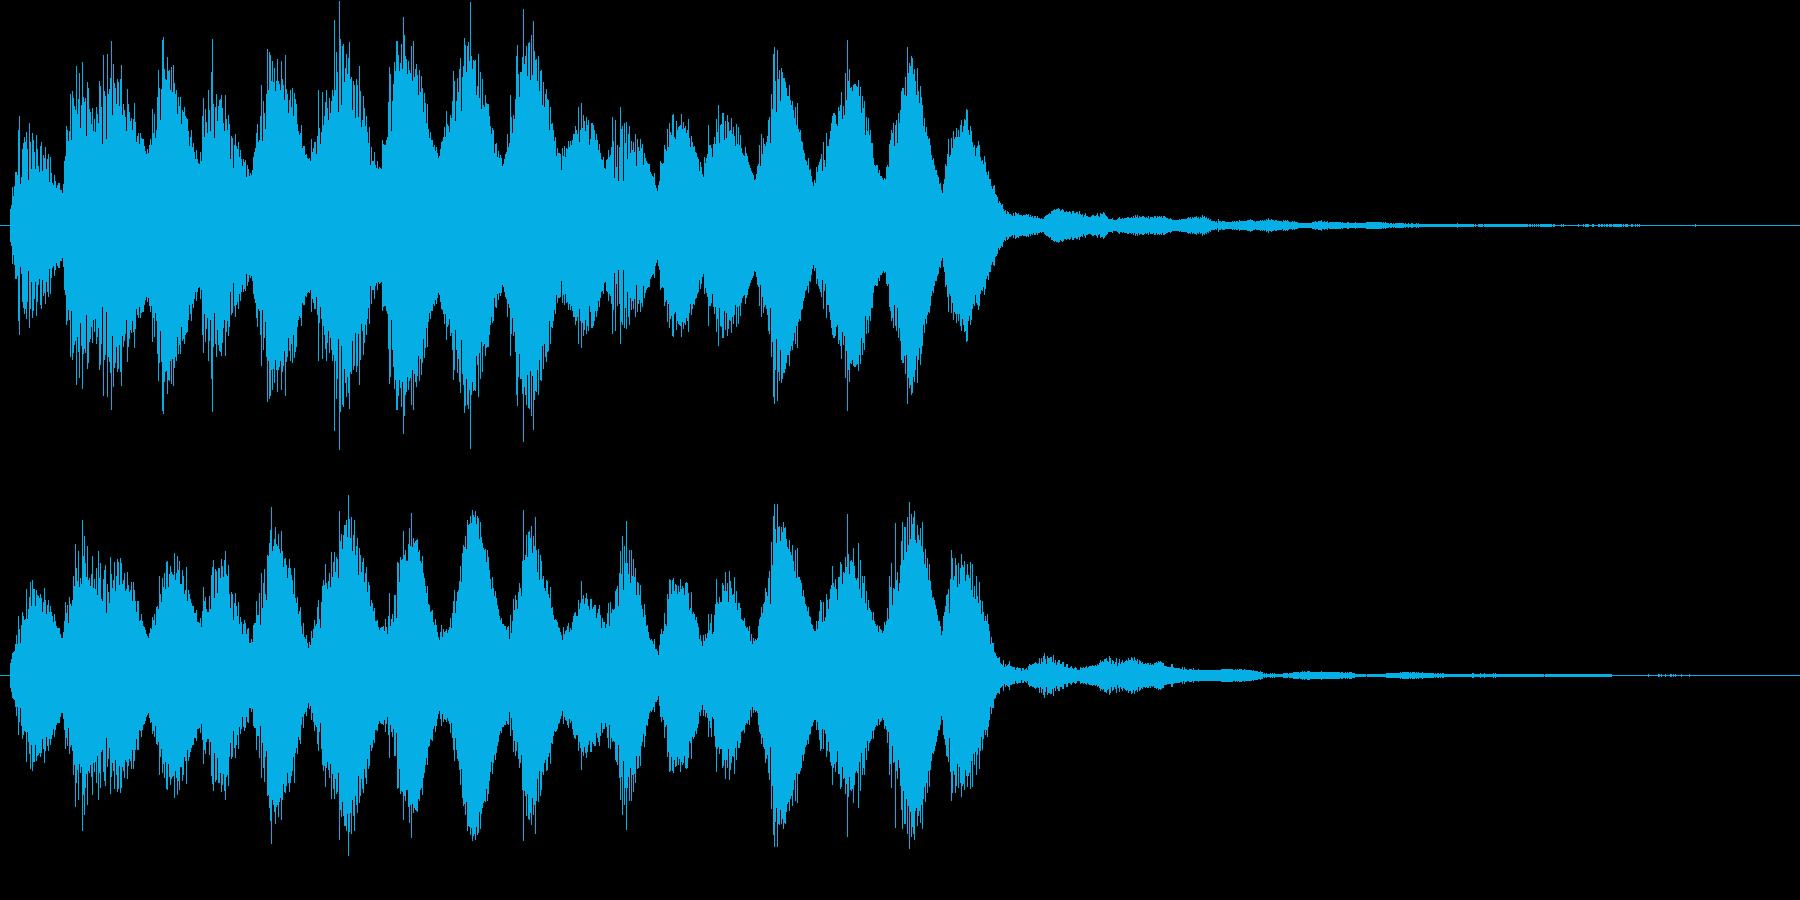 ピロリーン_場面やカットの変更音の再生済みの波形